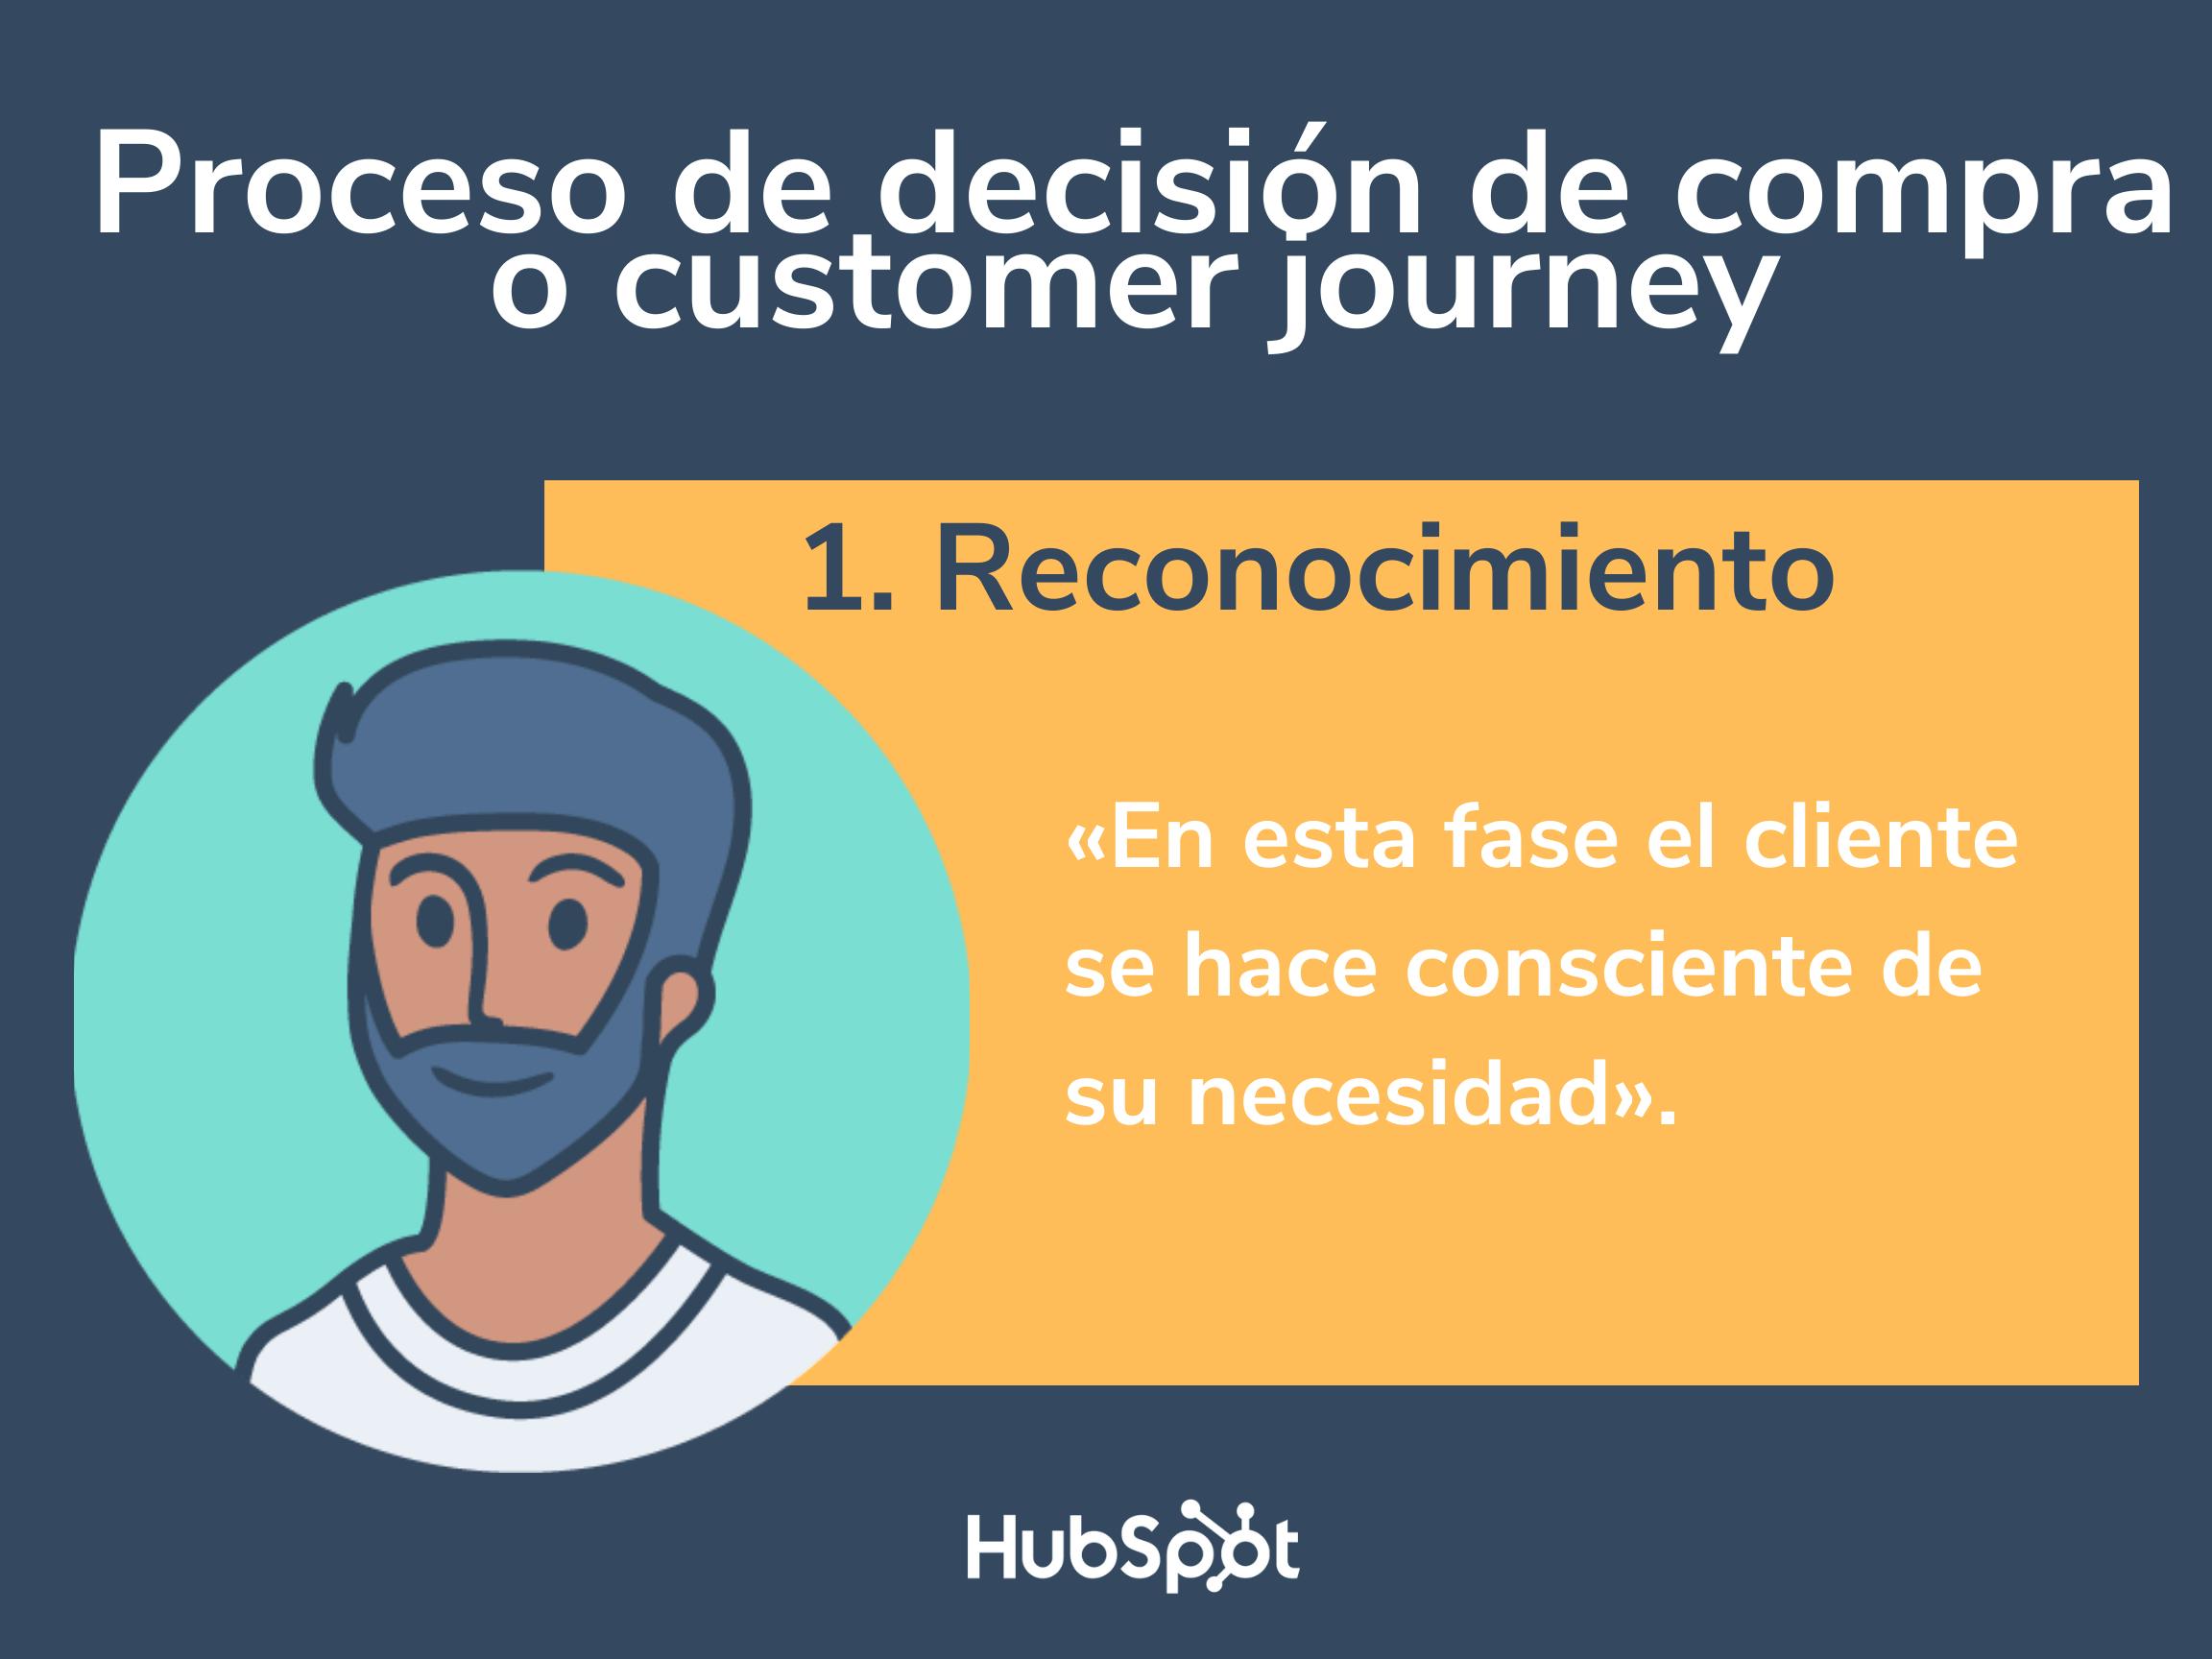 Primera etapa del customer journey: reconocimiento